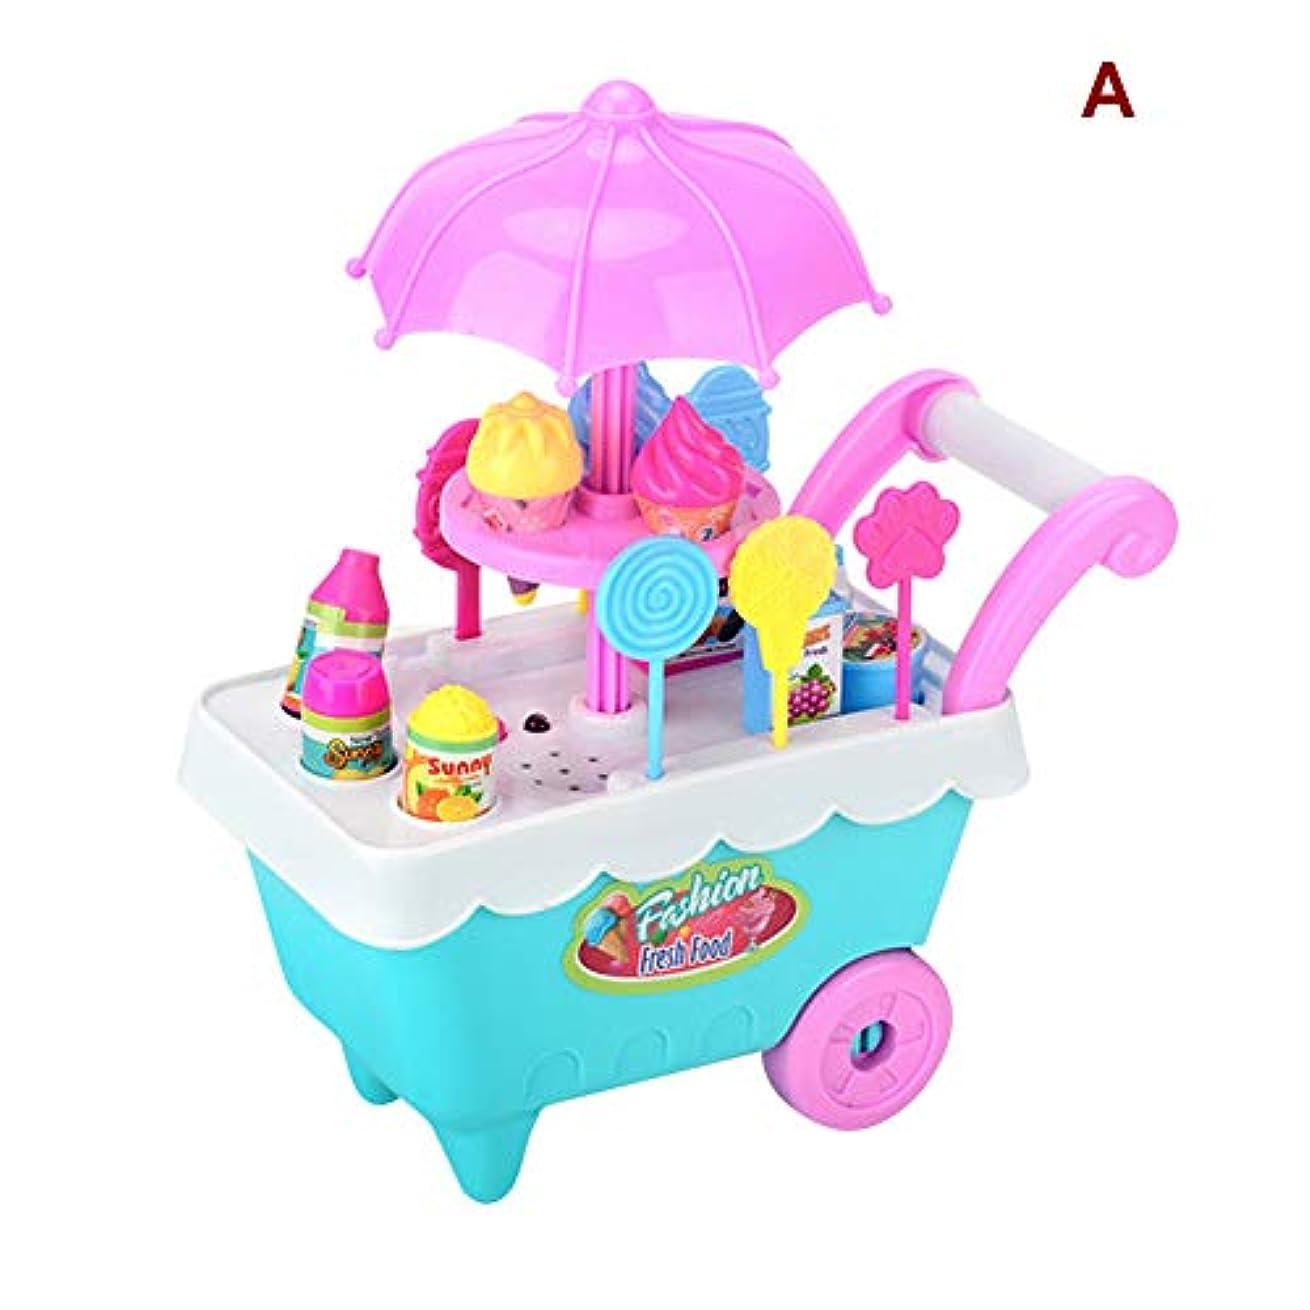 間ペナルティ風変わりなJanusSaja 19ピースセットアイスクリームトロリーセット食品玩具プレイ食品アイスクリームショッピングトロリーセット玩具音楽照明ふり食品プレイセットケーキセット玩具